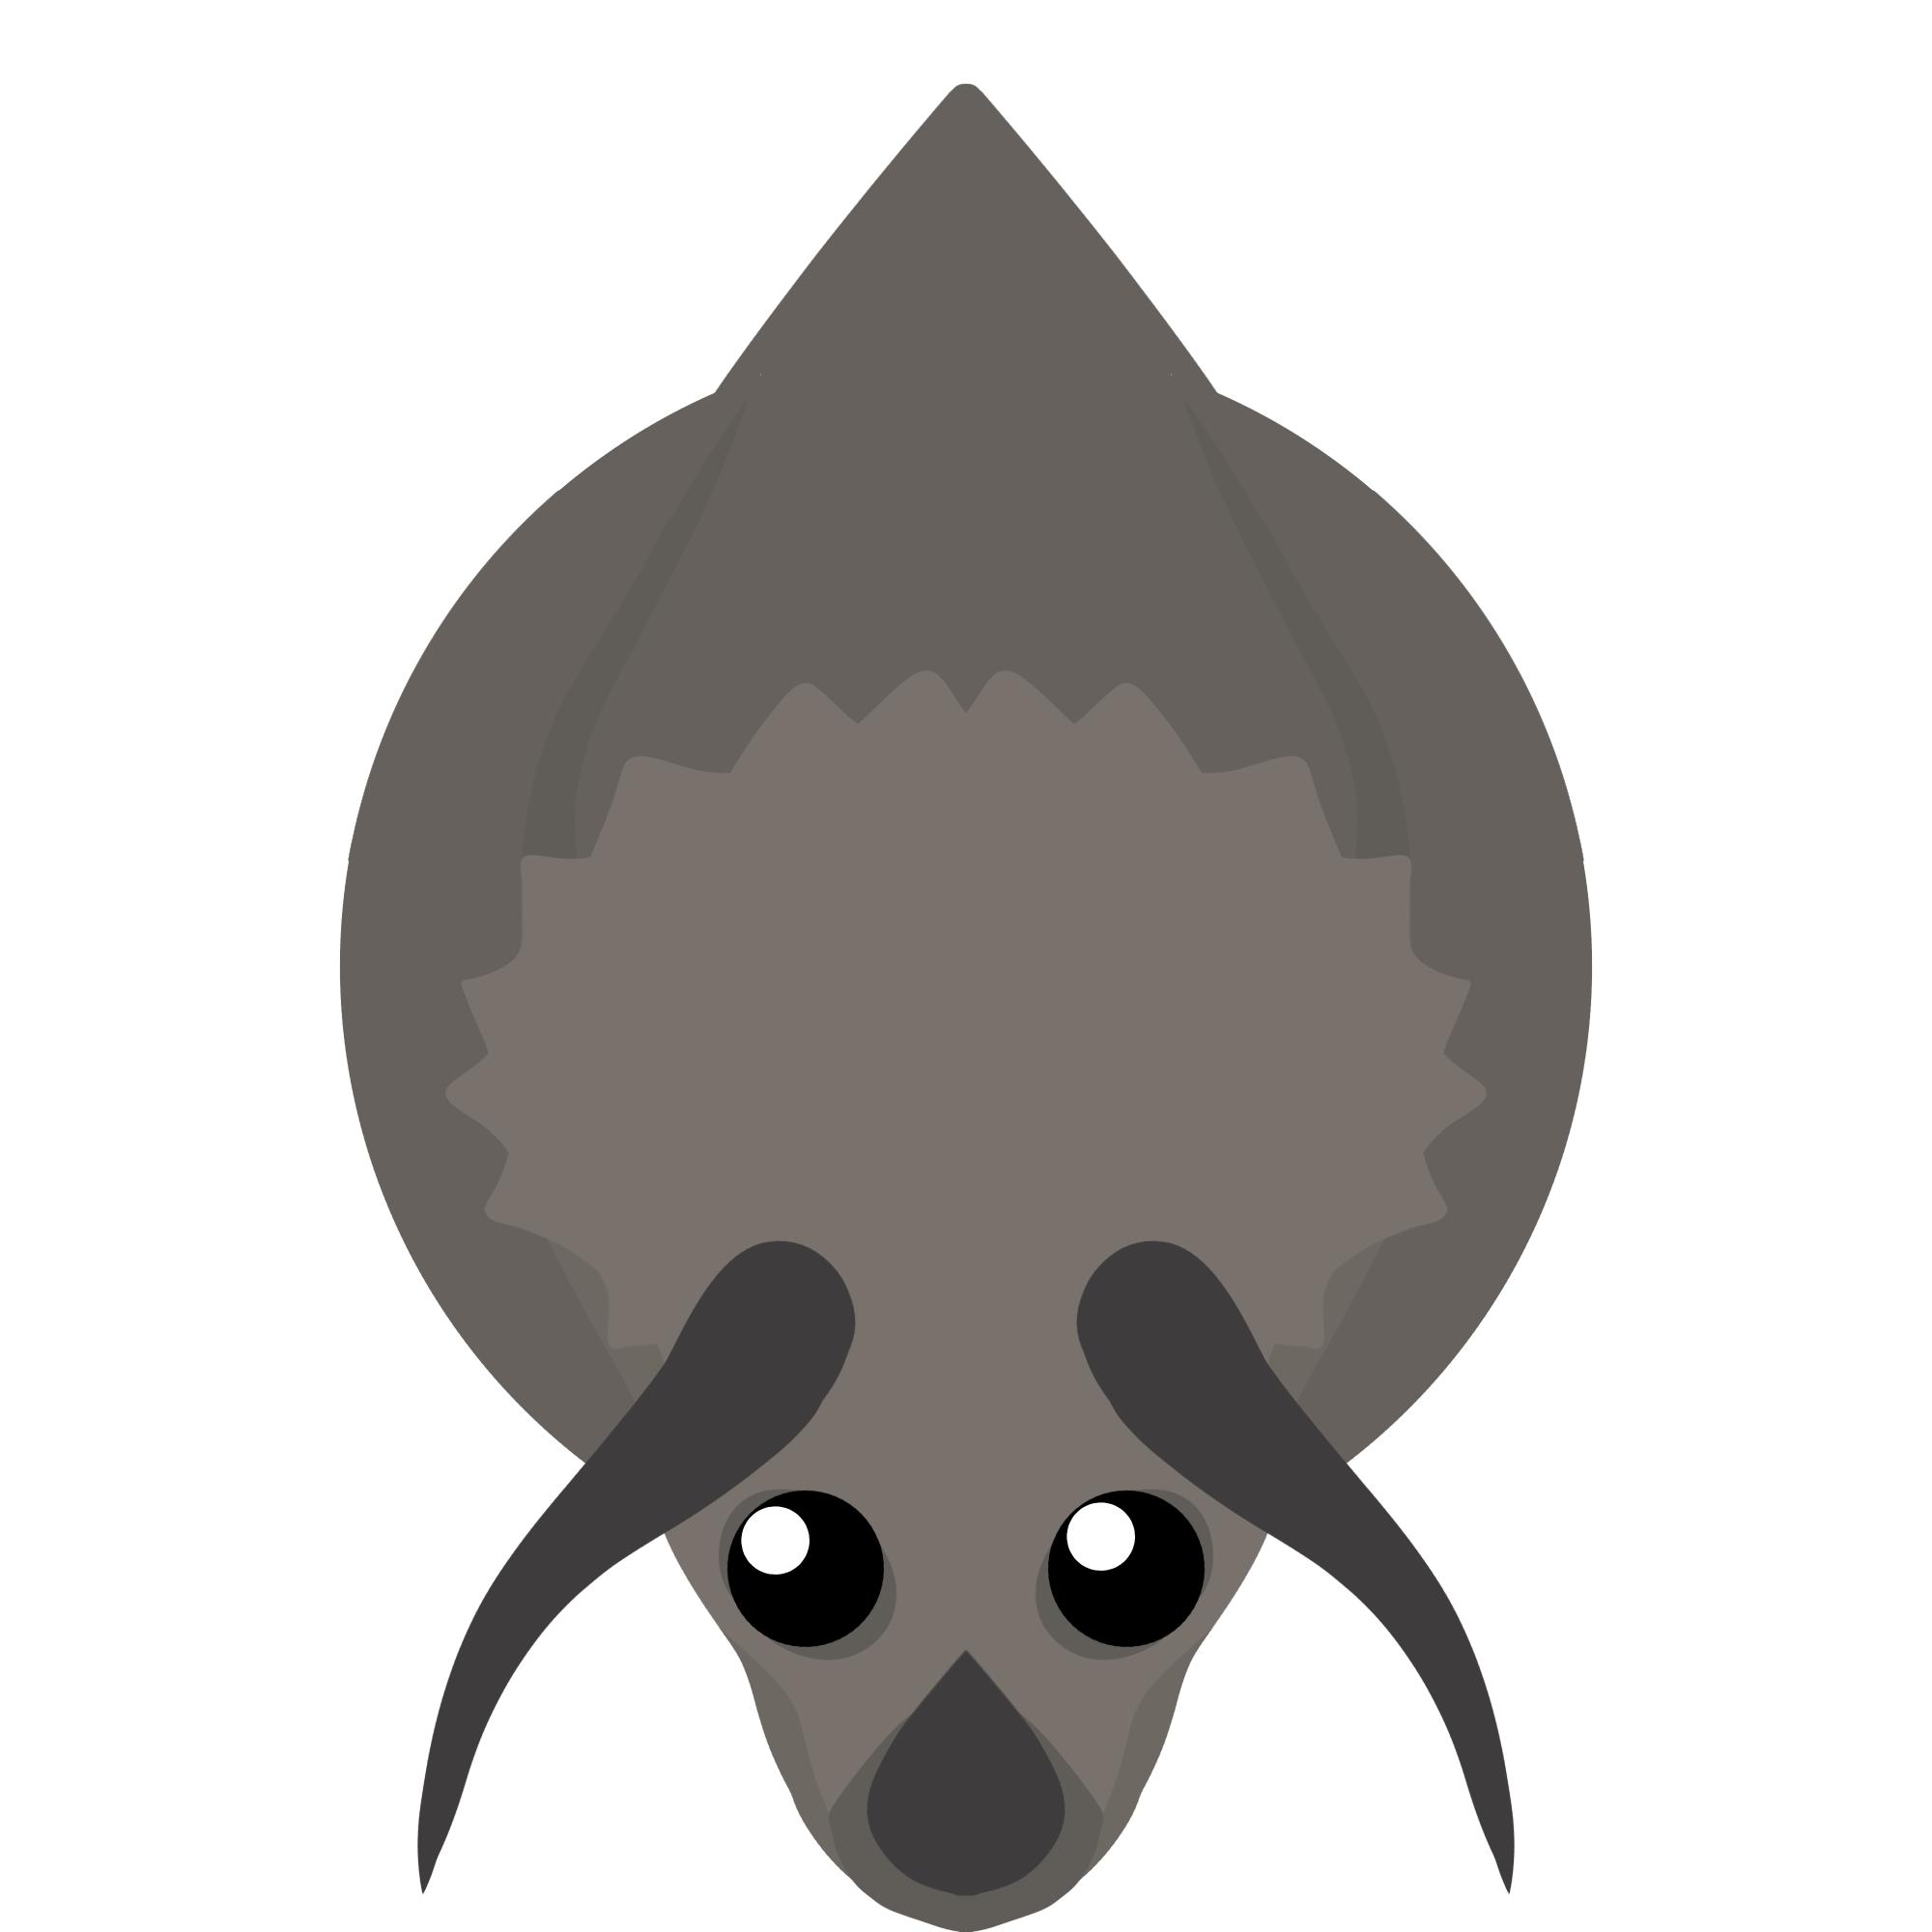 Картинка казуара из мопио